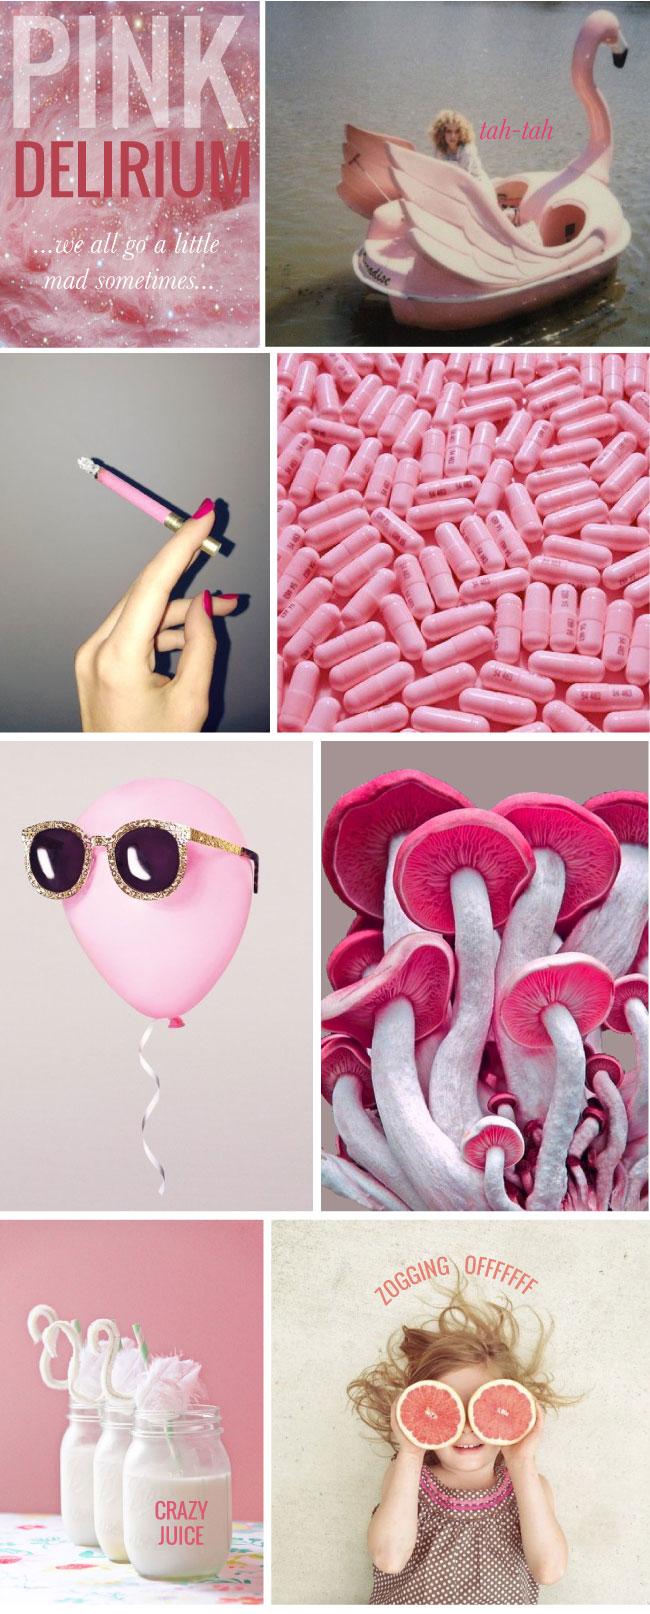 Pink-delerium.jpg